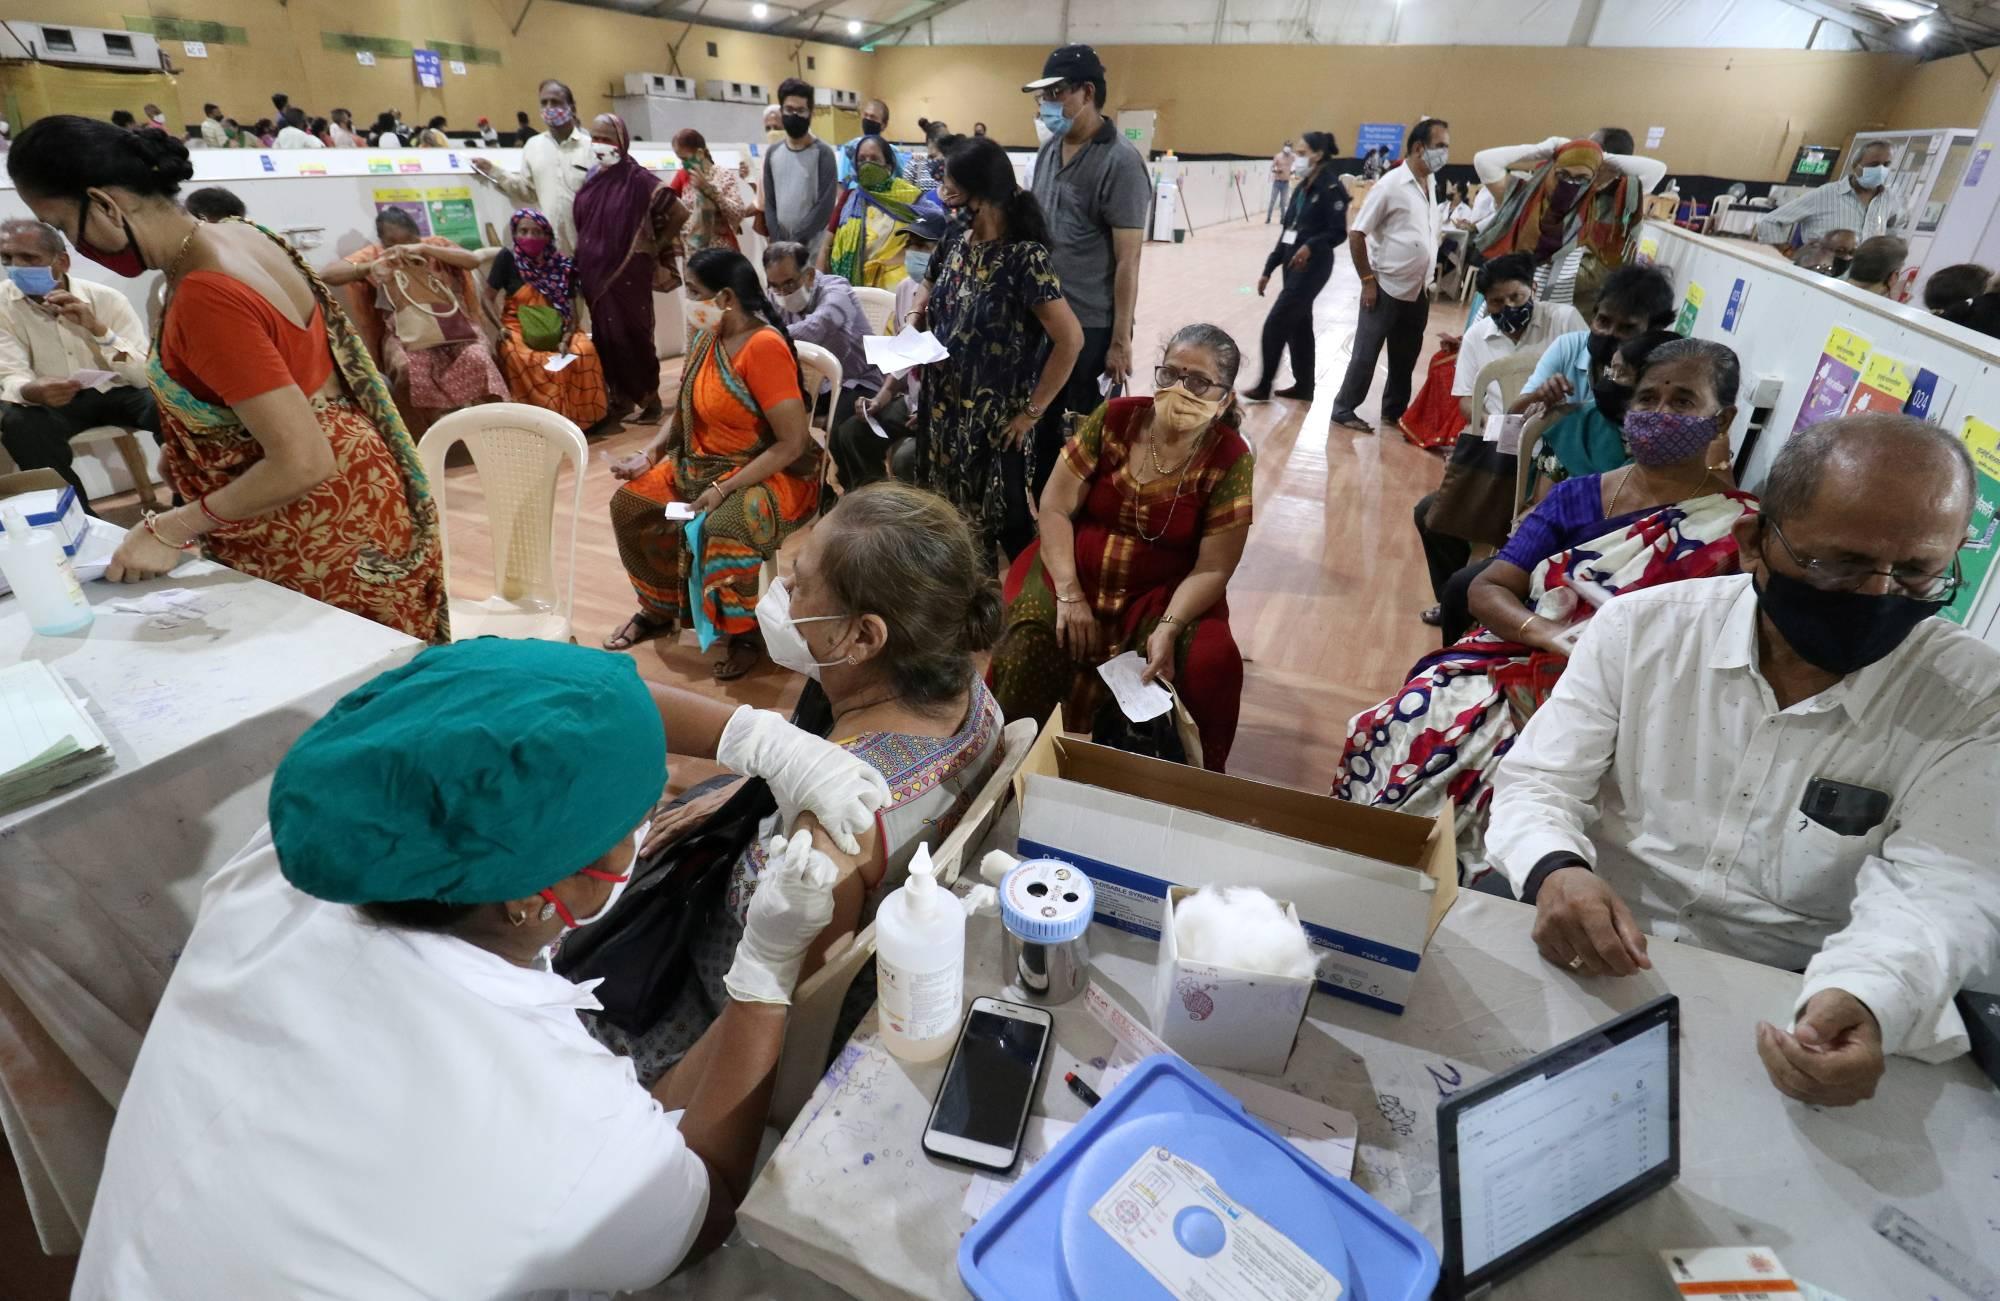 Australia și-a abandonat cetățenii în India! Cine se întoarce acasă merge la închisoare sau plătește o amendă usturătoare